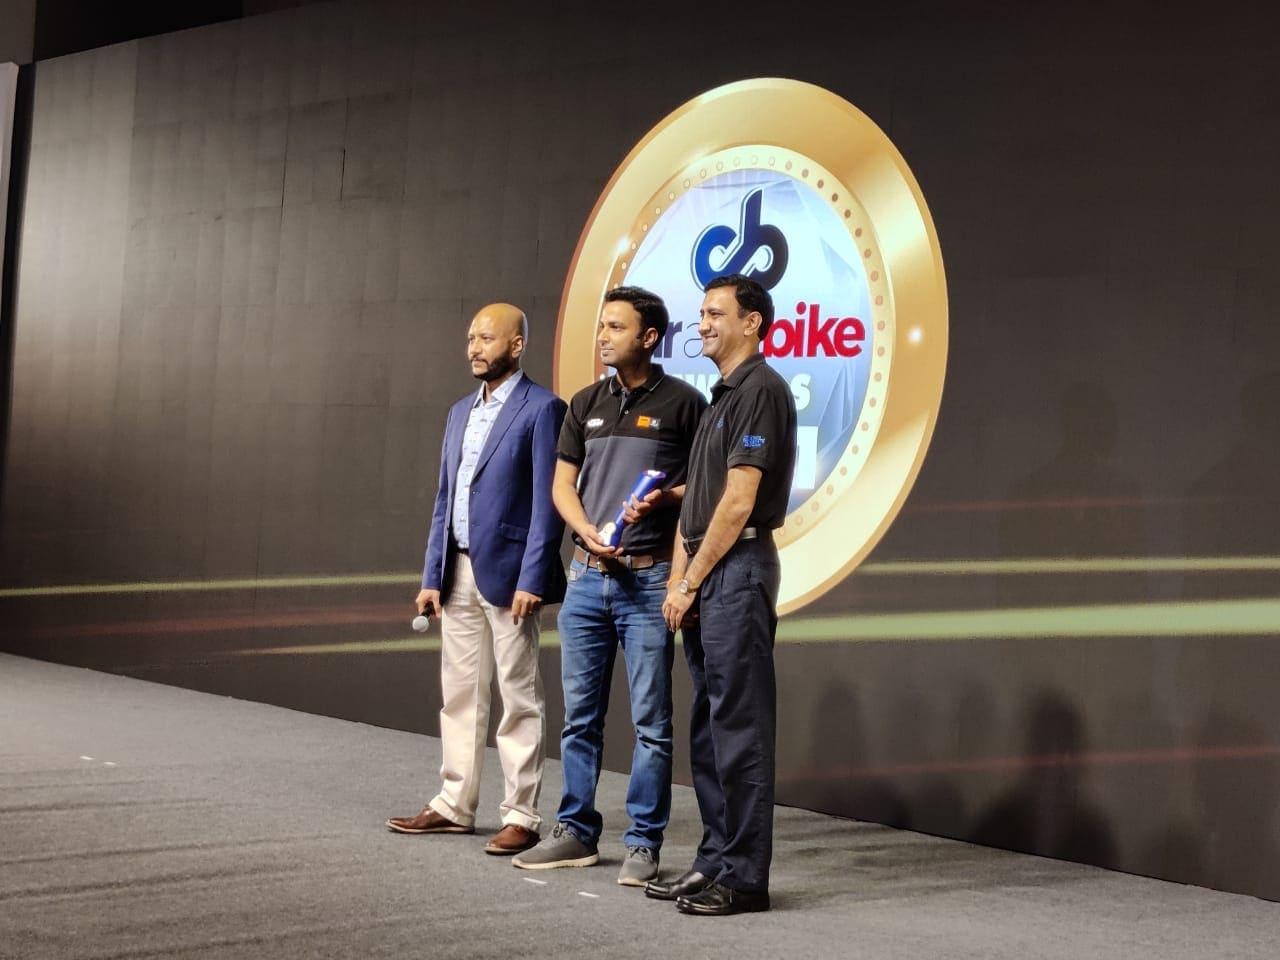 एंट्री ऐडवेंचर मोटरसाइकिल ऑफ दी ईयर अवॉर्ड लेते KTM के अधिकारी